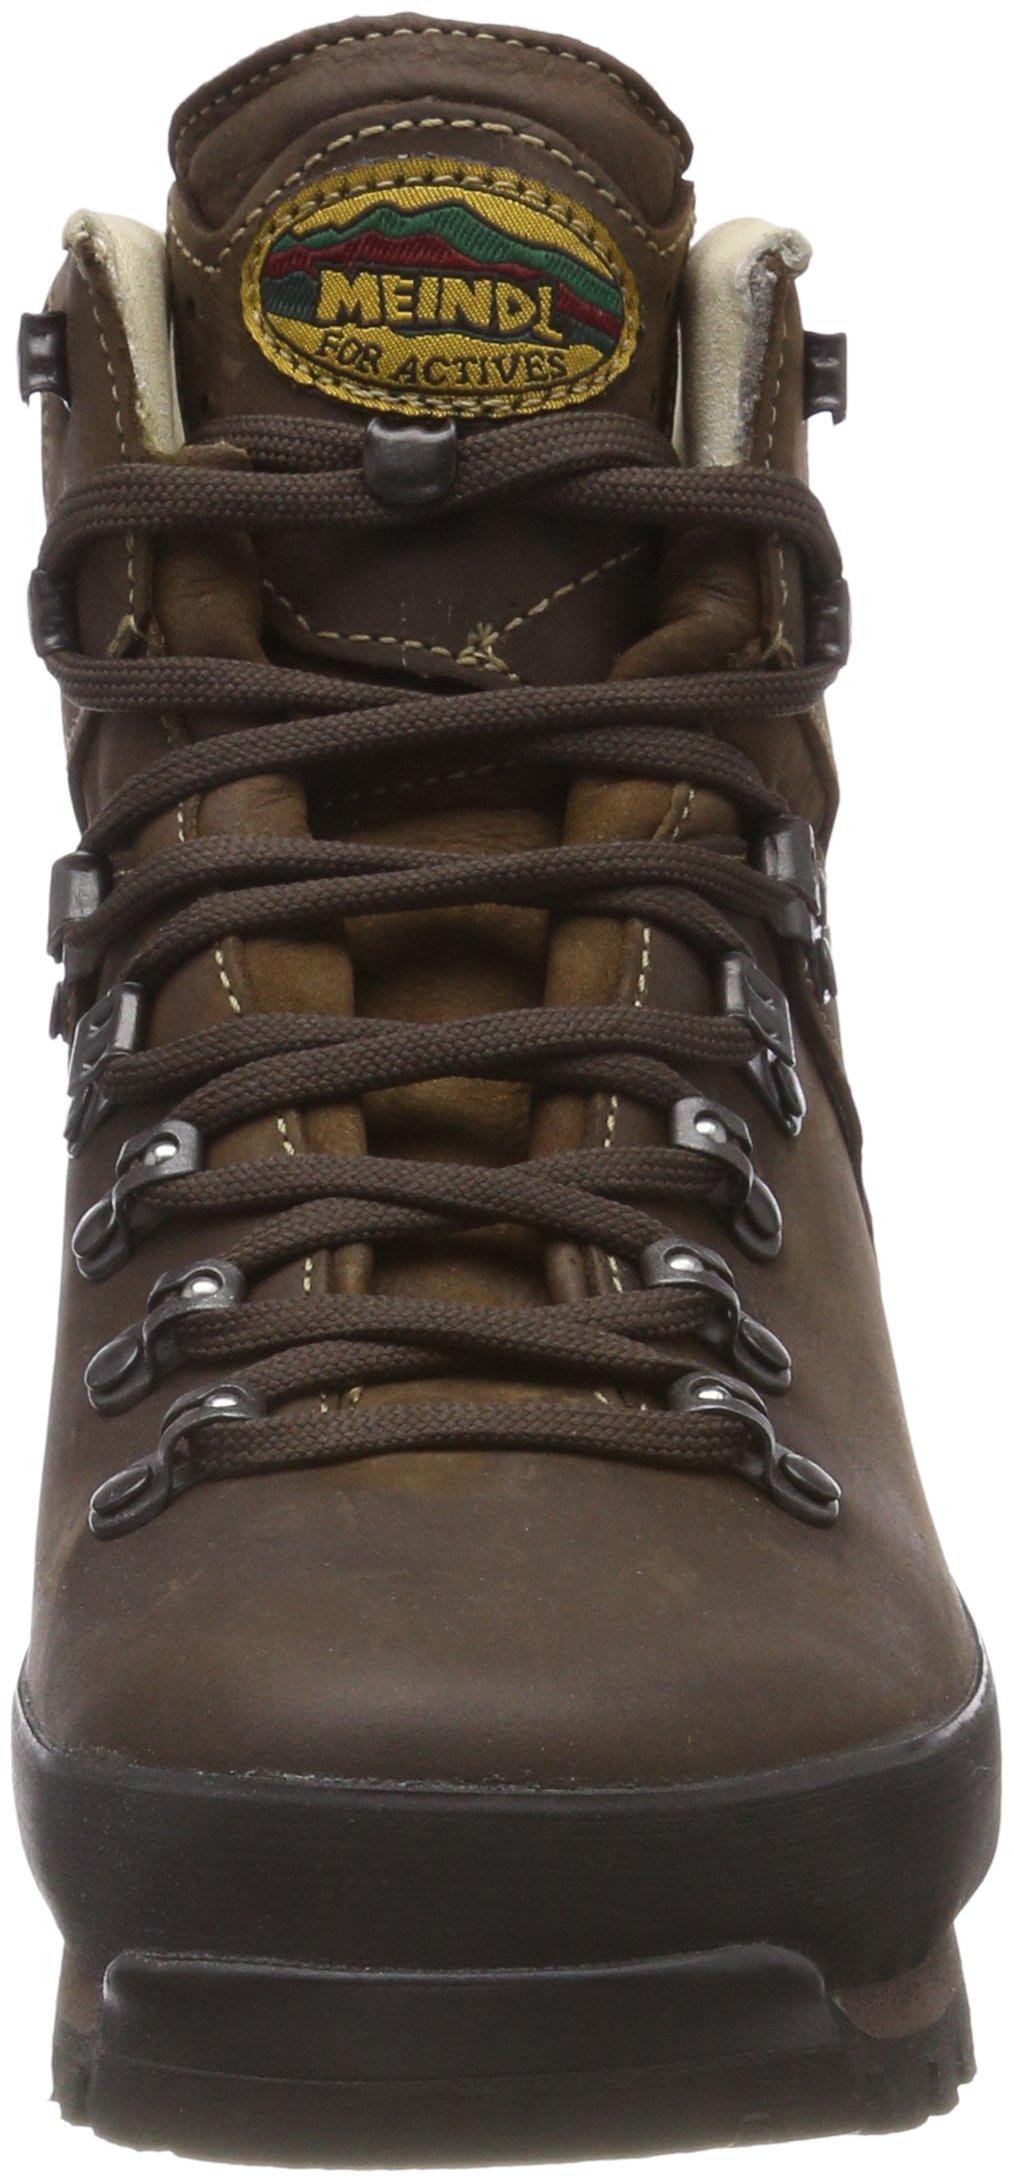 712dVi5F9FL - Meindl Women's Borneo Lady 2 MFS (XL) High Rise Hiking Shoes